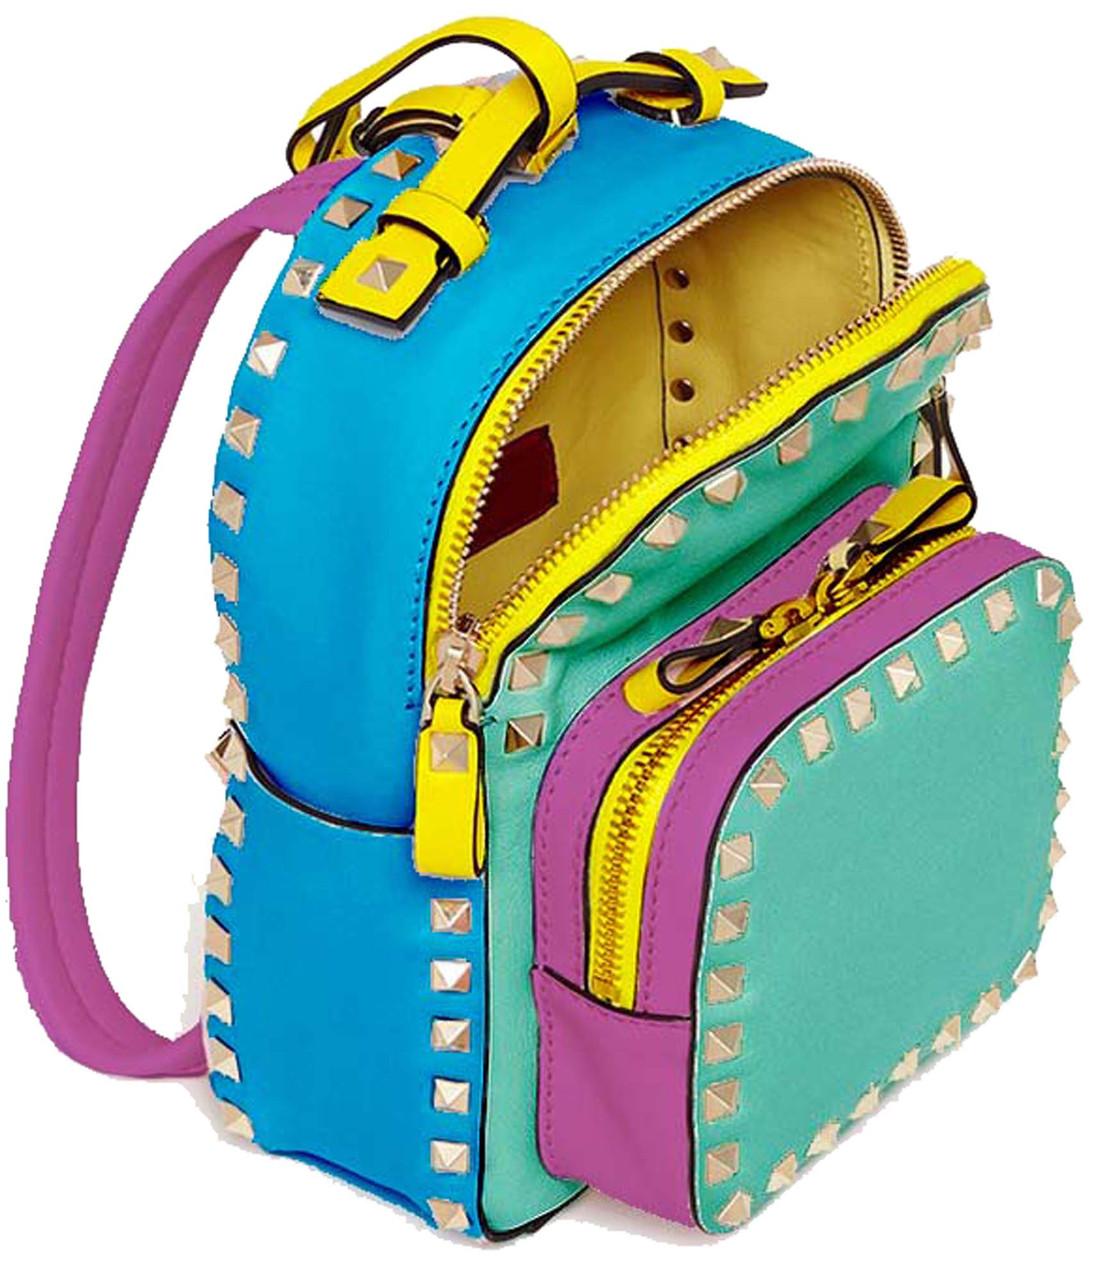 dbdca23a8d7 554104 Сумка-рюкзак YES Weekend (цветная) - купить по лучшей цене в ...